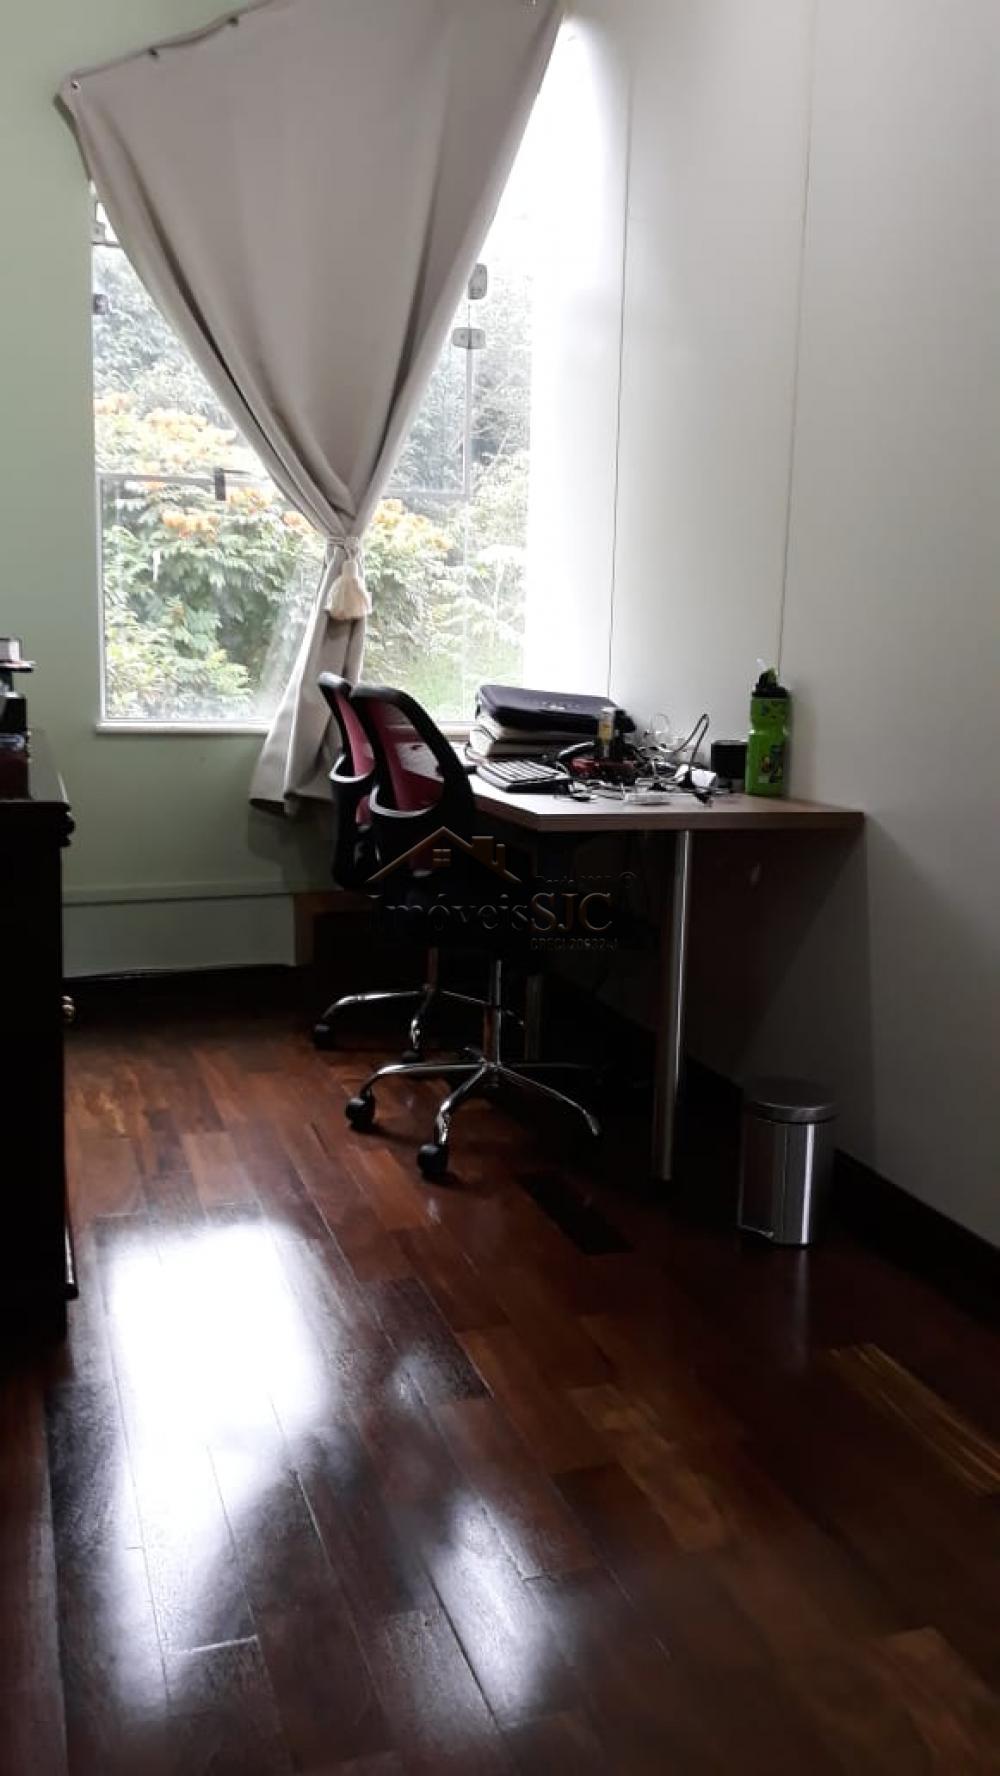 Comprar Casas / Condomínio em São José dos Campos apenas R$ 890.000,00 - Foto 6